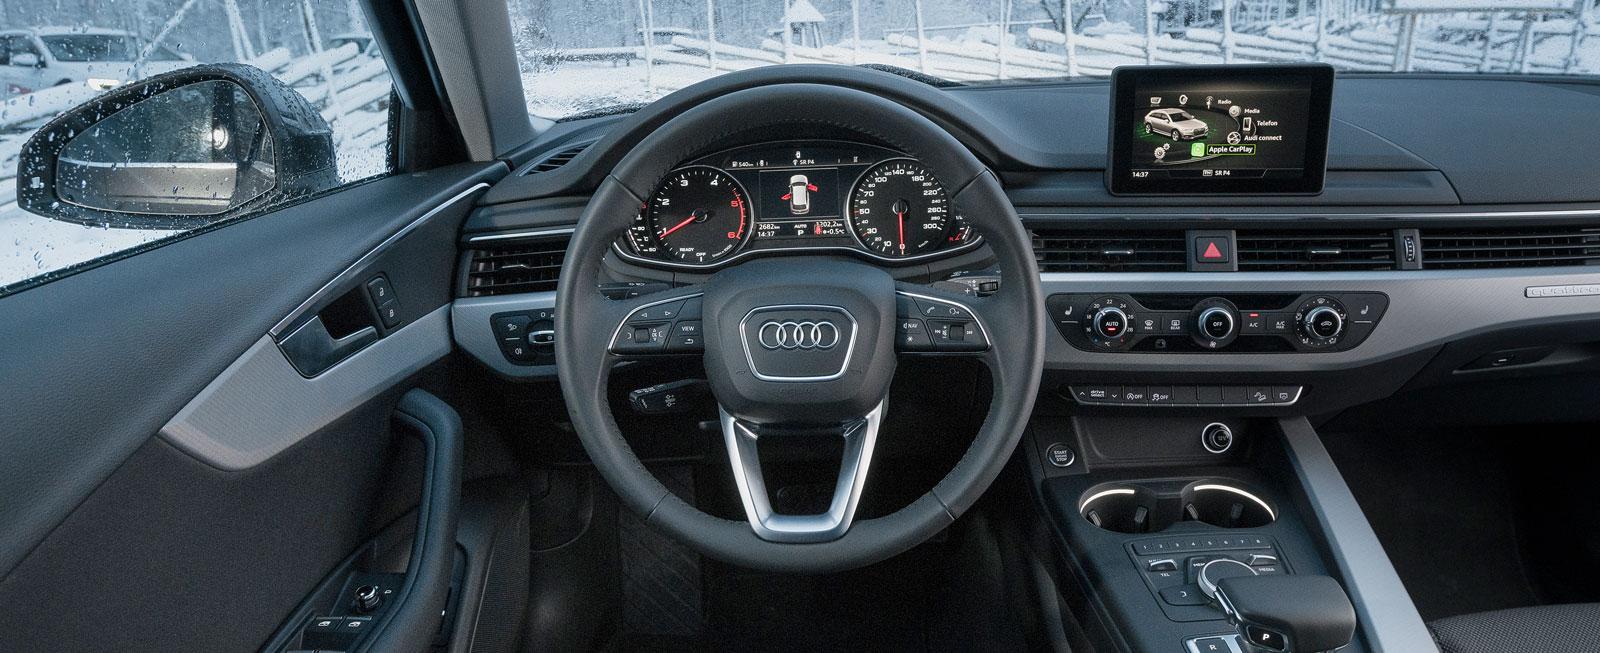 Audis förarmiljö känns lågbyggd och tajtare än Opels och VW:s. Bred mittkonsol, skön tygklädsel, utmärkt finish och bra sikt snett framåt hör till.